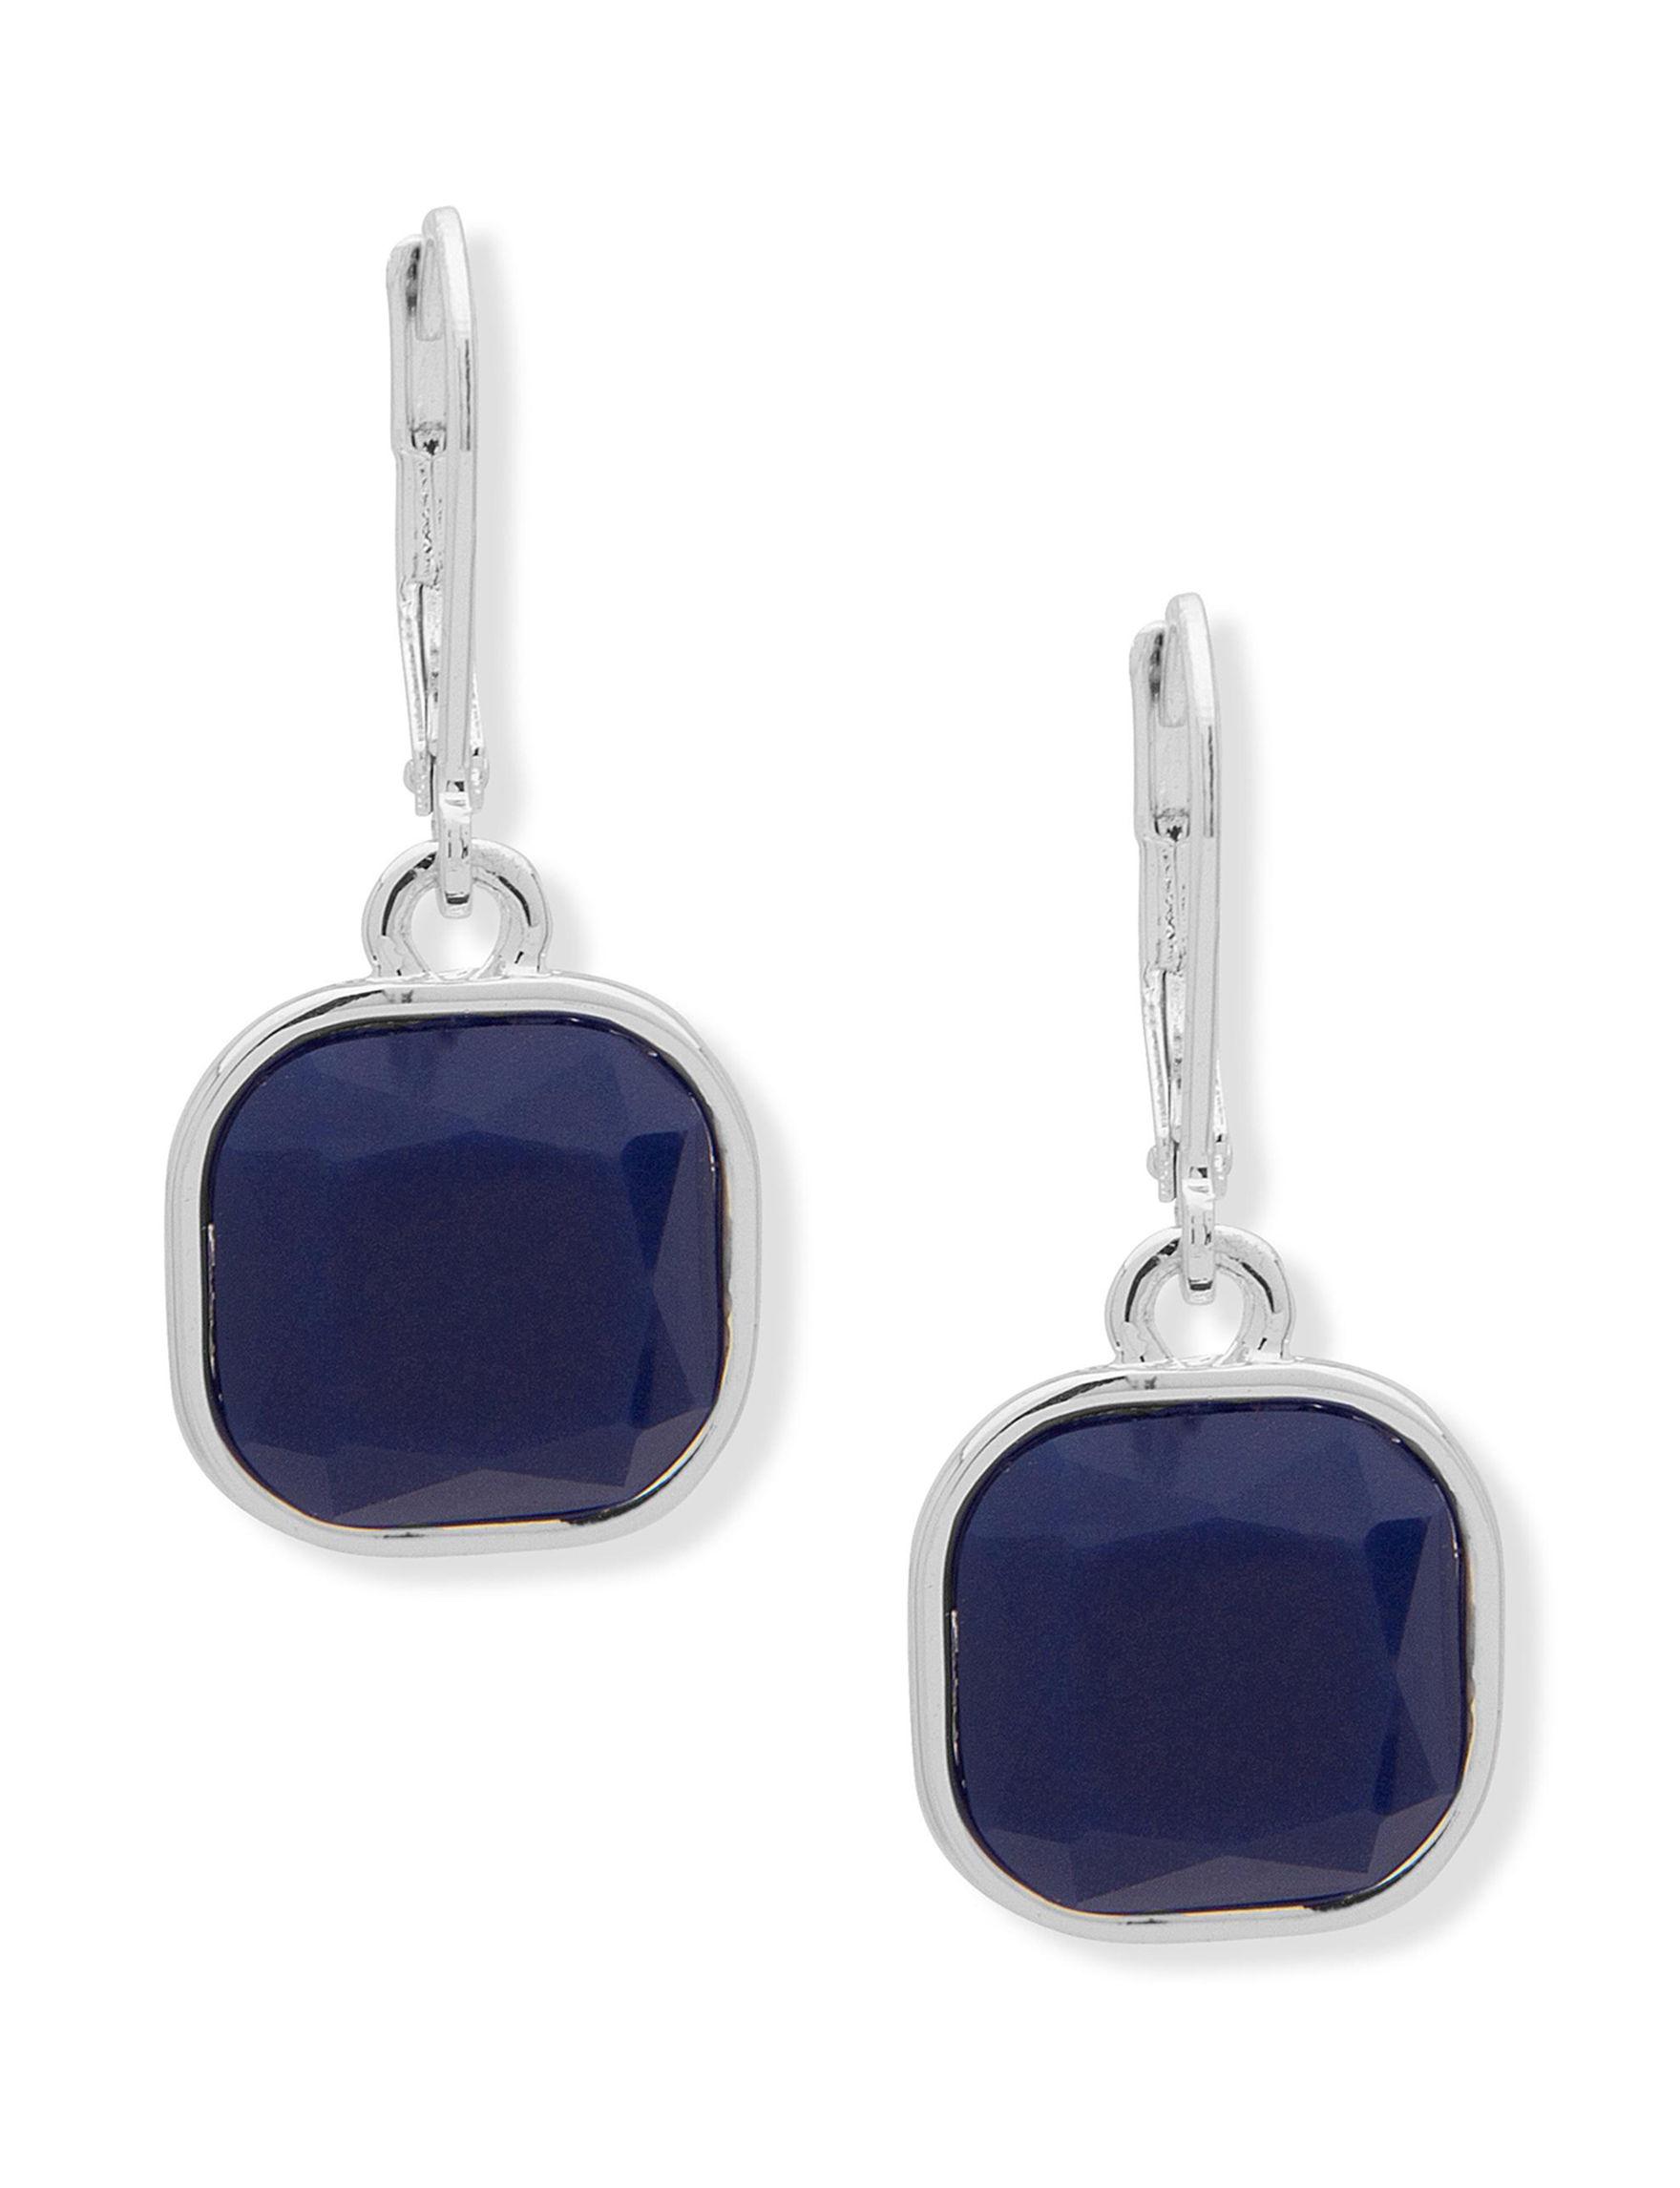 Chaps Blue / Silver Drops Earrings Fashion Jewelry